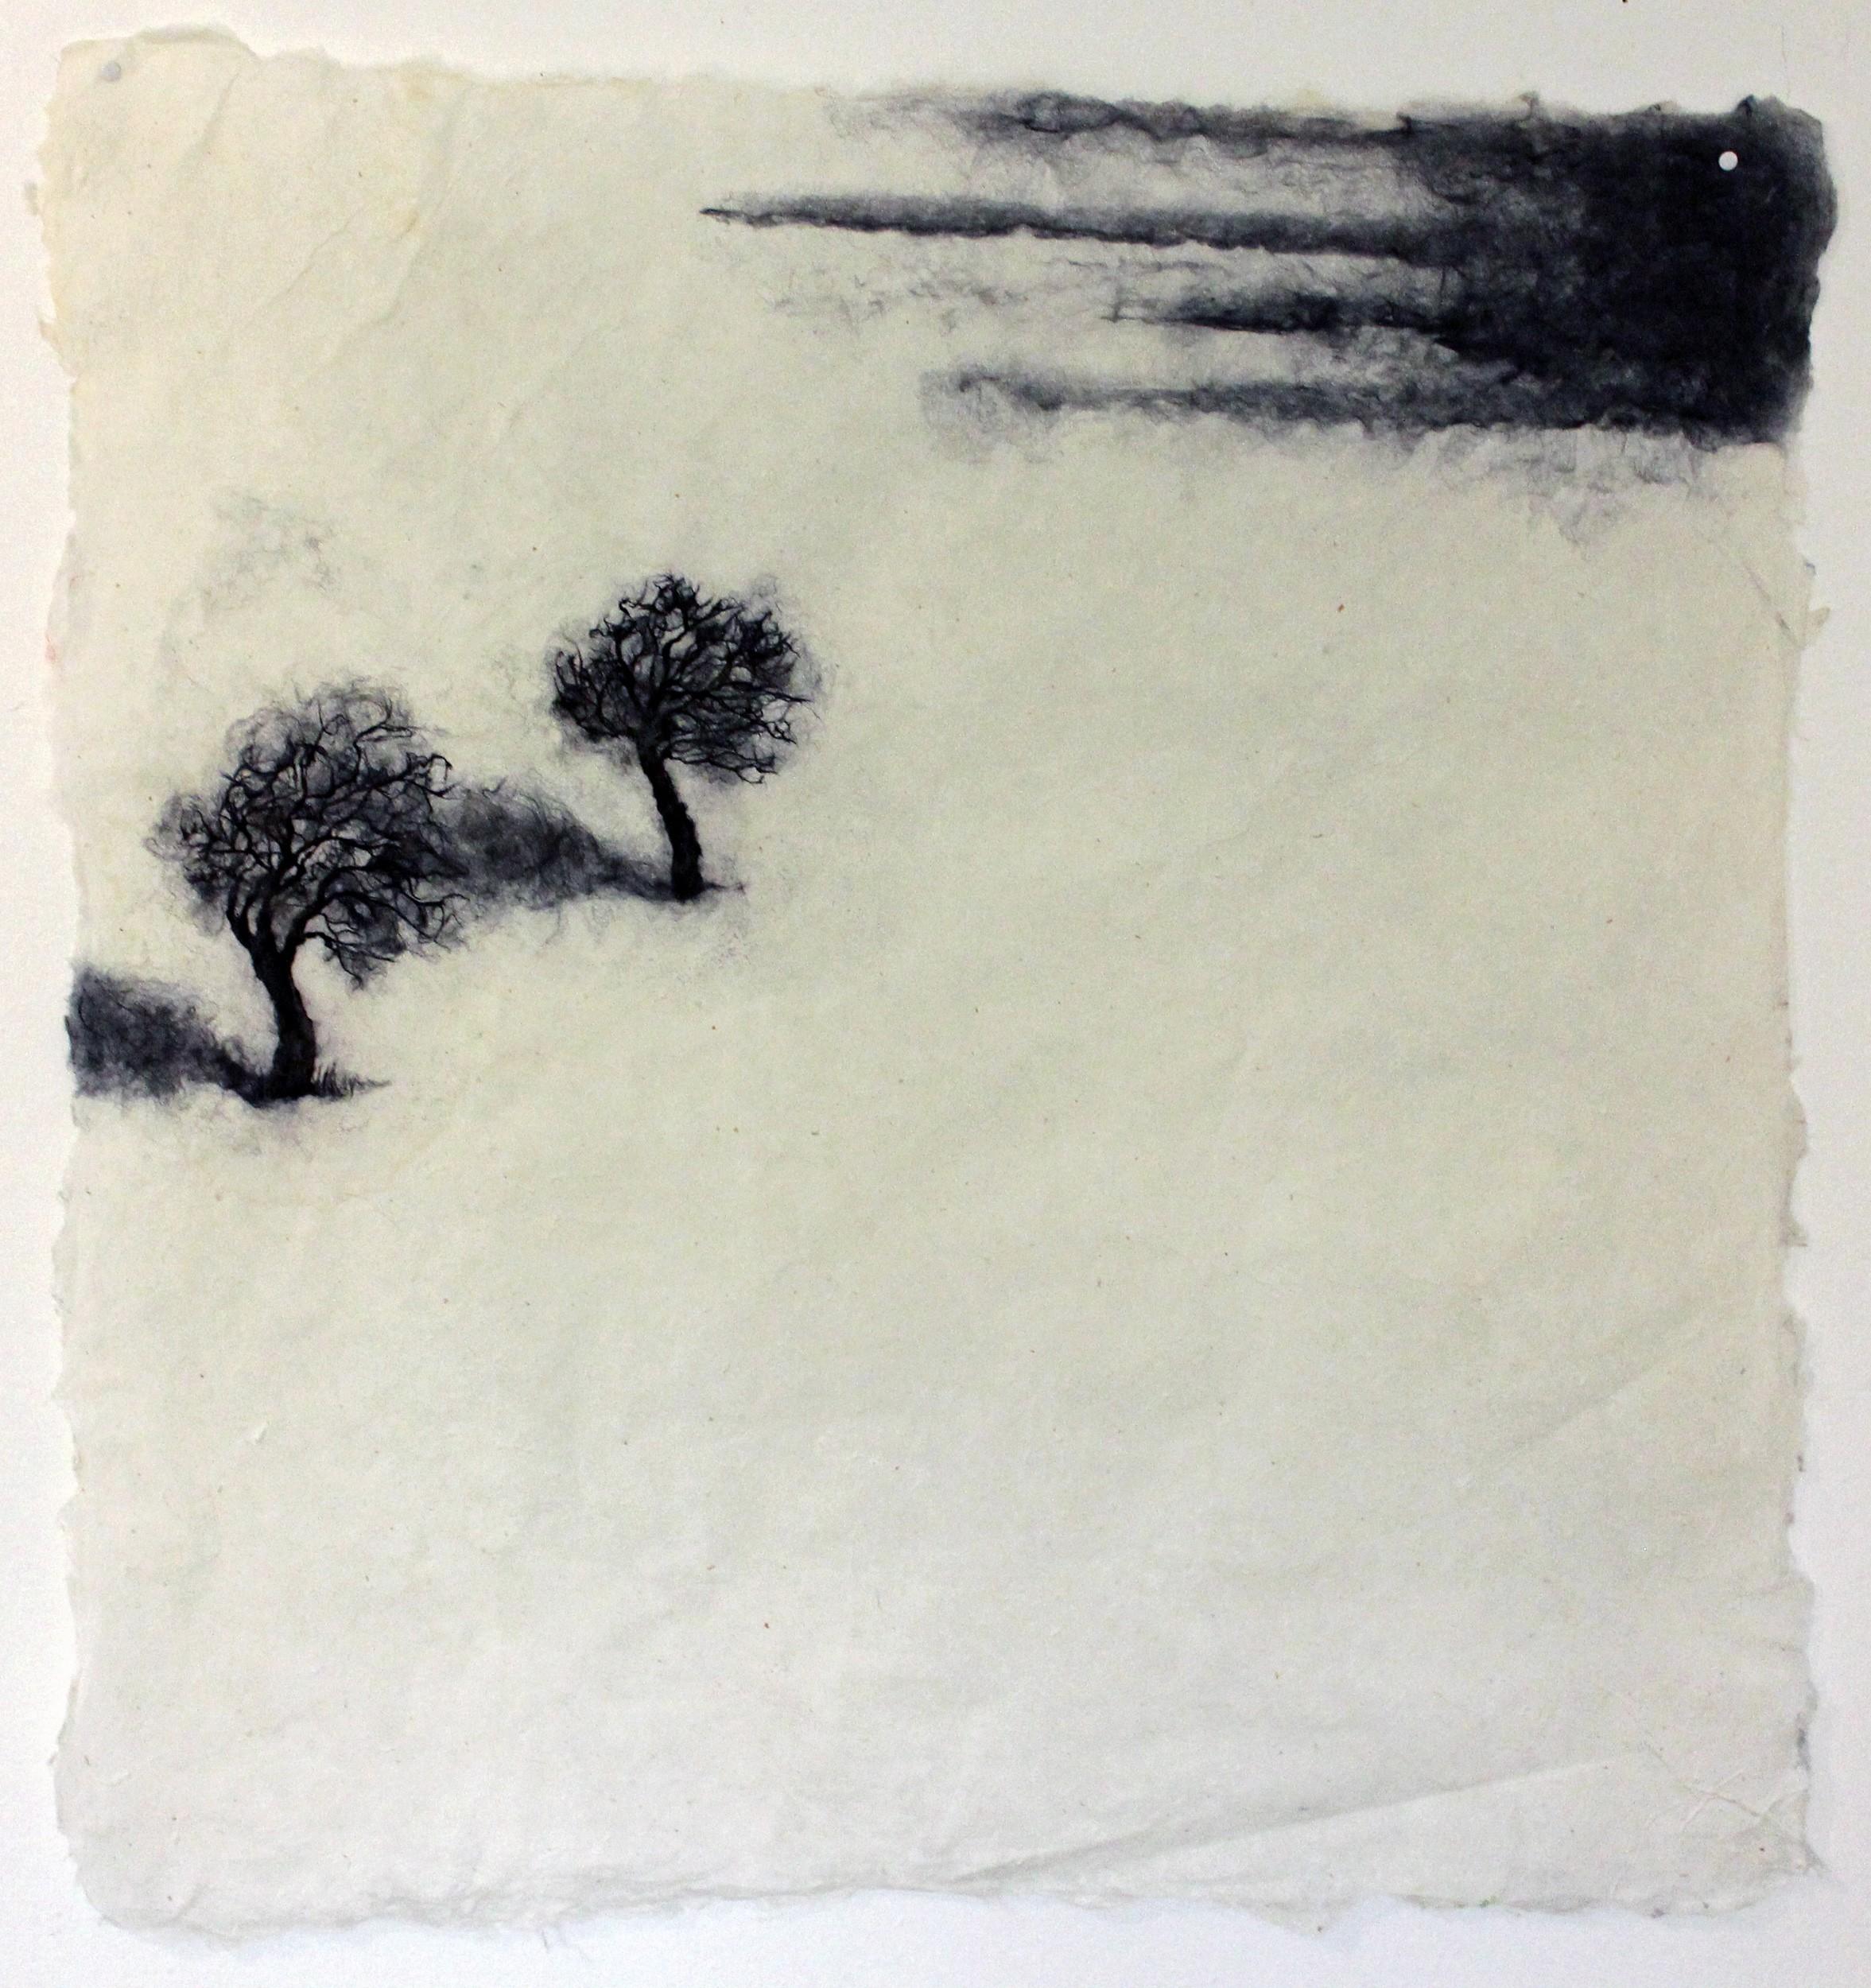 Zwei Bäume im Schnee | Malerei von Künstlerin Simone Westphal, Papiermalerei